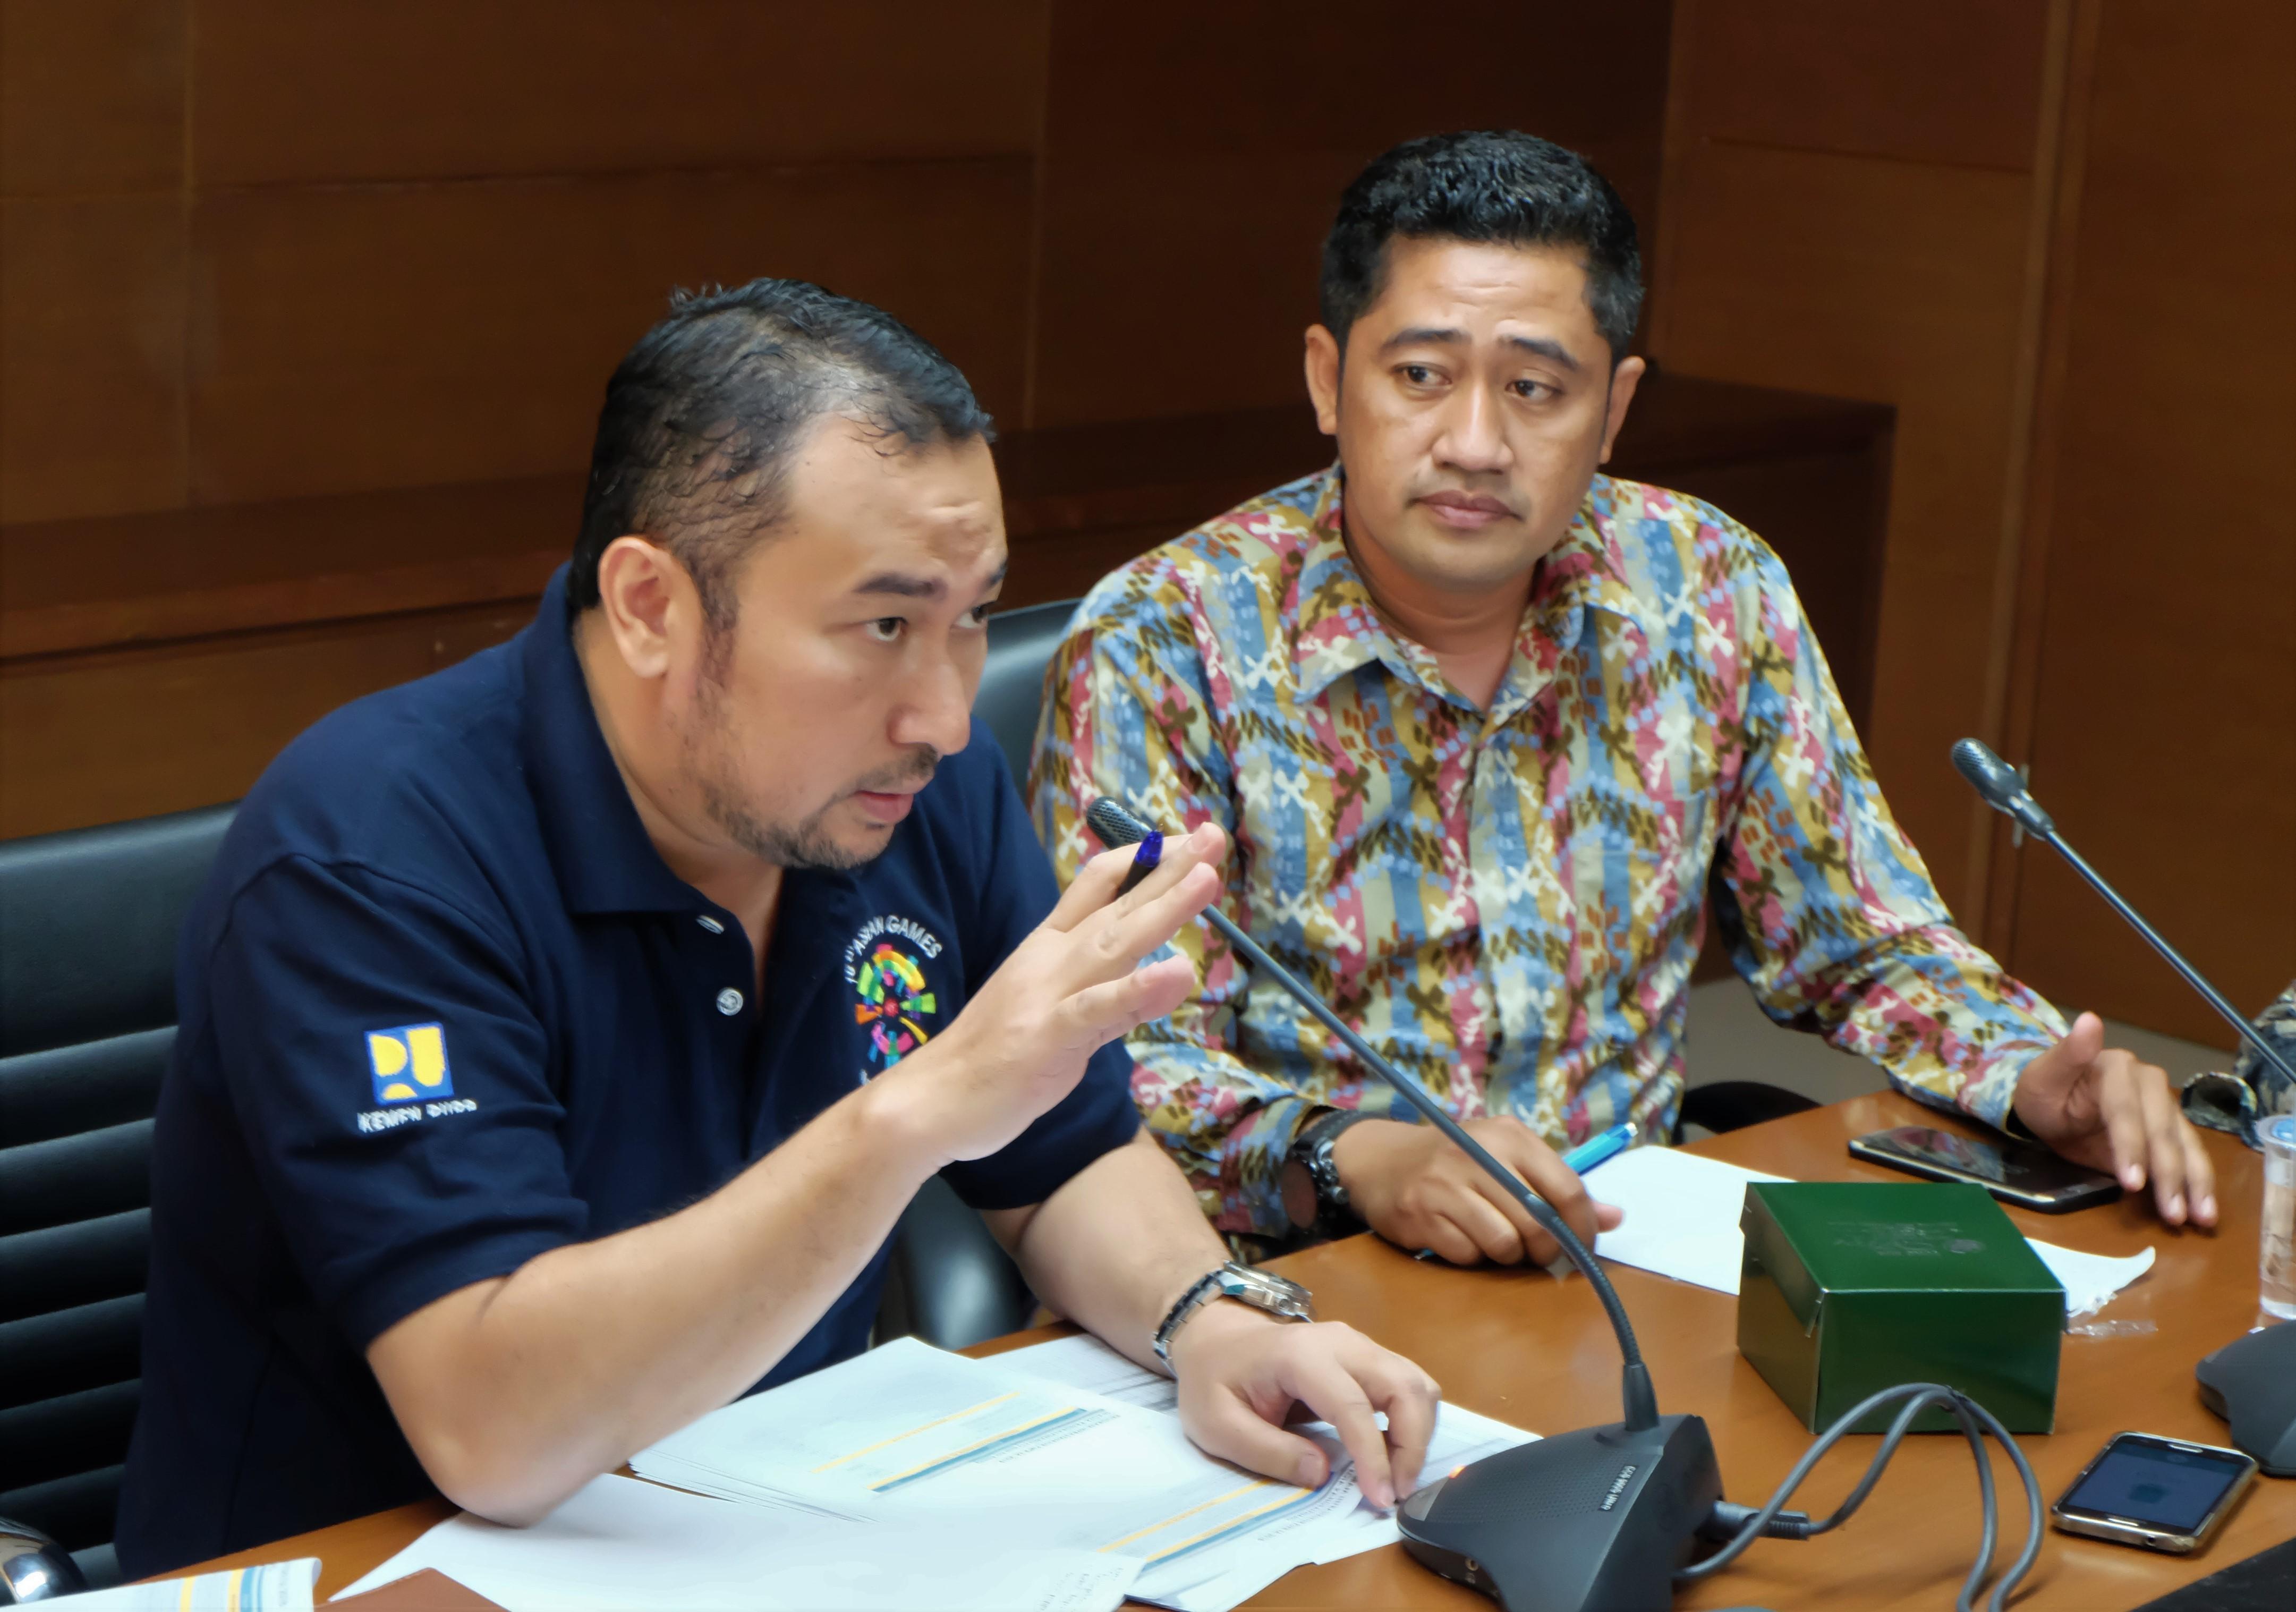 Kunjungi BPIW, DPRD Kota Pangkalpinang Koordinasikan Program infrastruktur